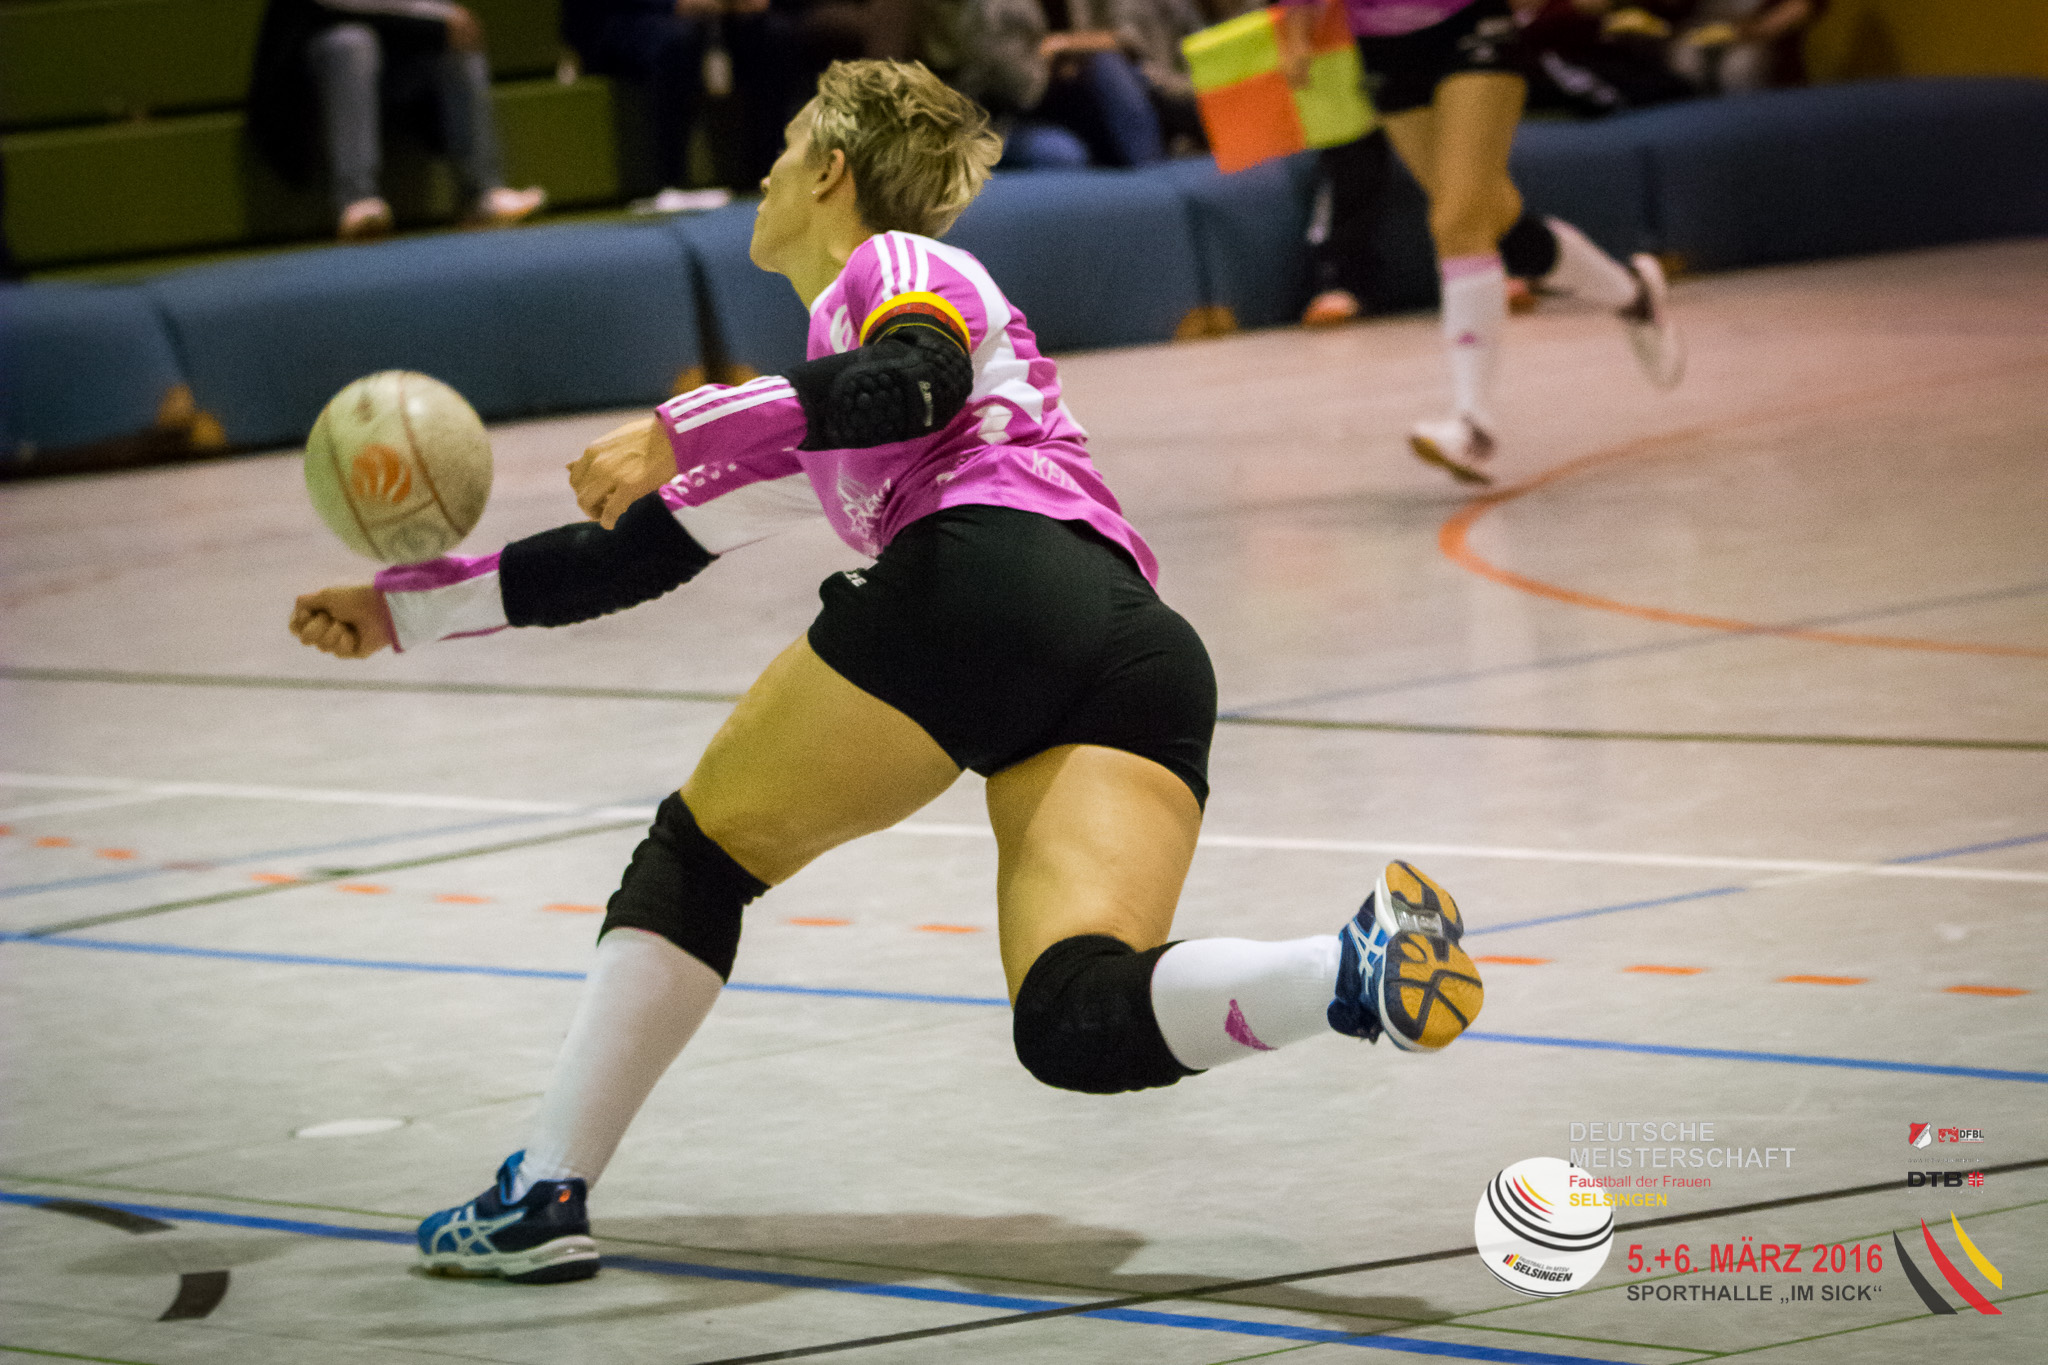 Die starke Sonja Pfrommer bringt ihren TSV Dennach eine Runde weiter. (Foto: DFBL/Harder)